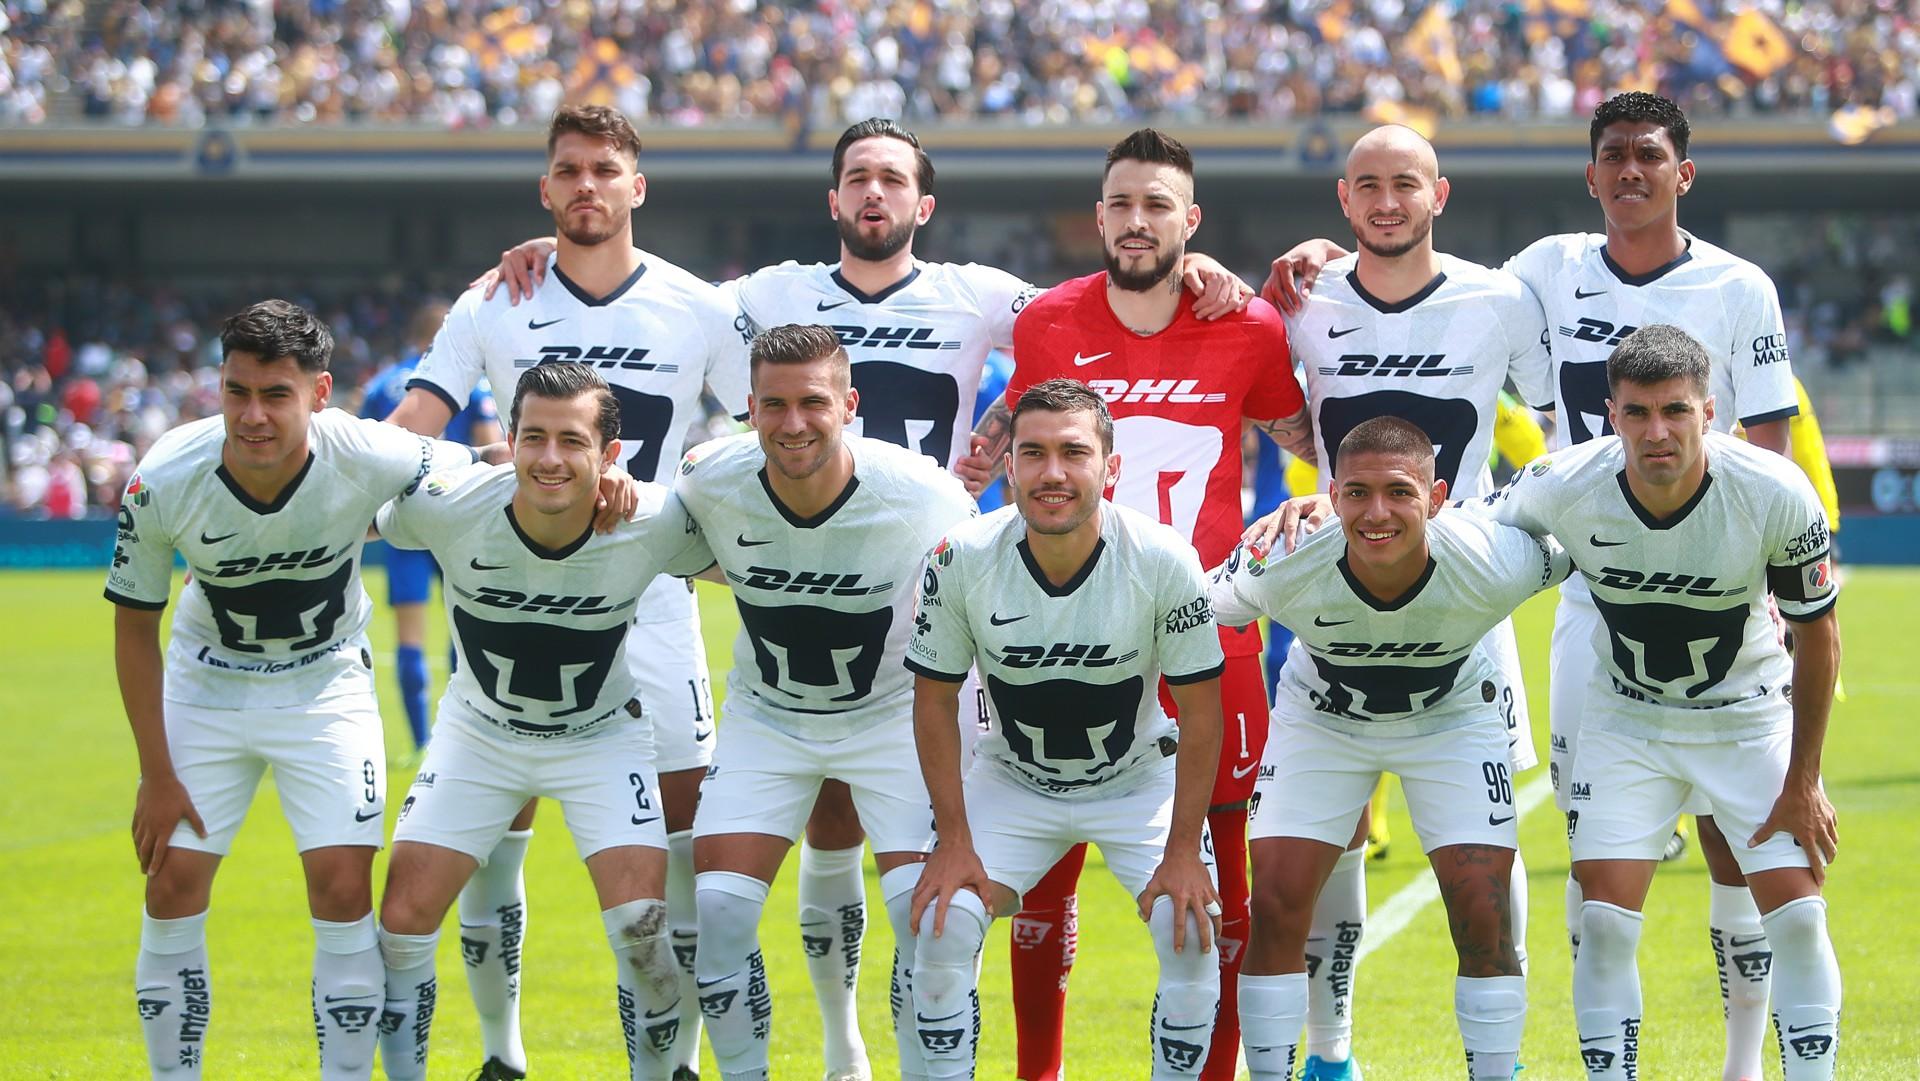 Tía acre Irregularidades  Qué jugadores saldrían de Pumas para el Clausura 2020? | Goal.com